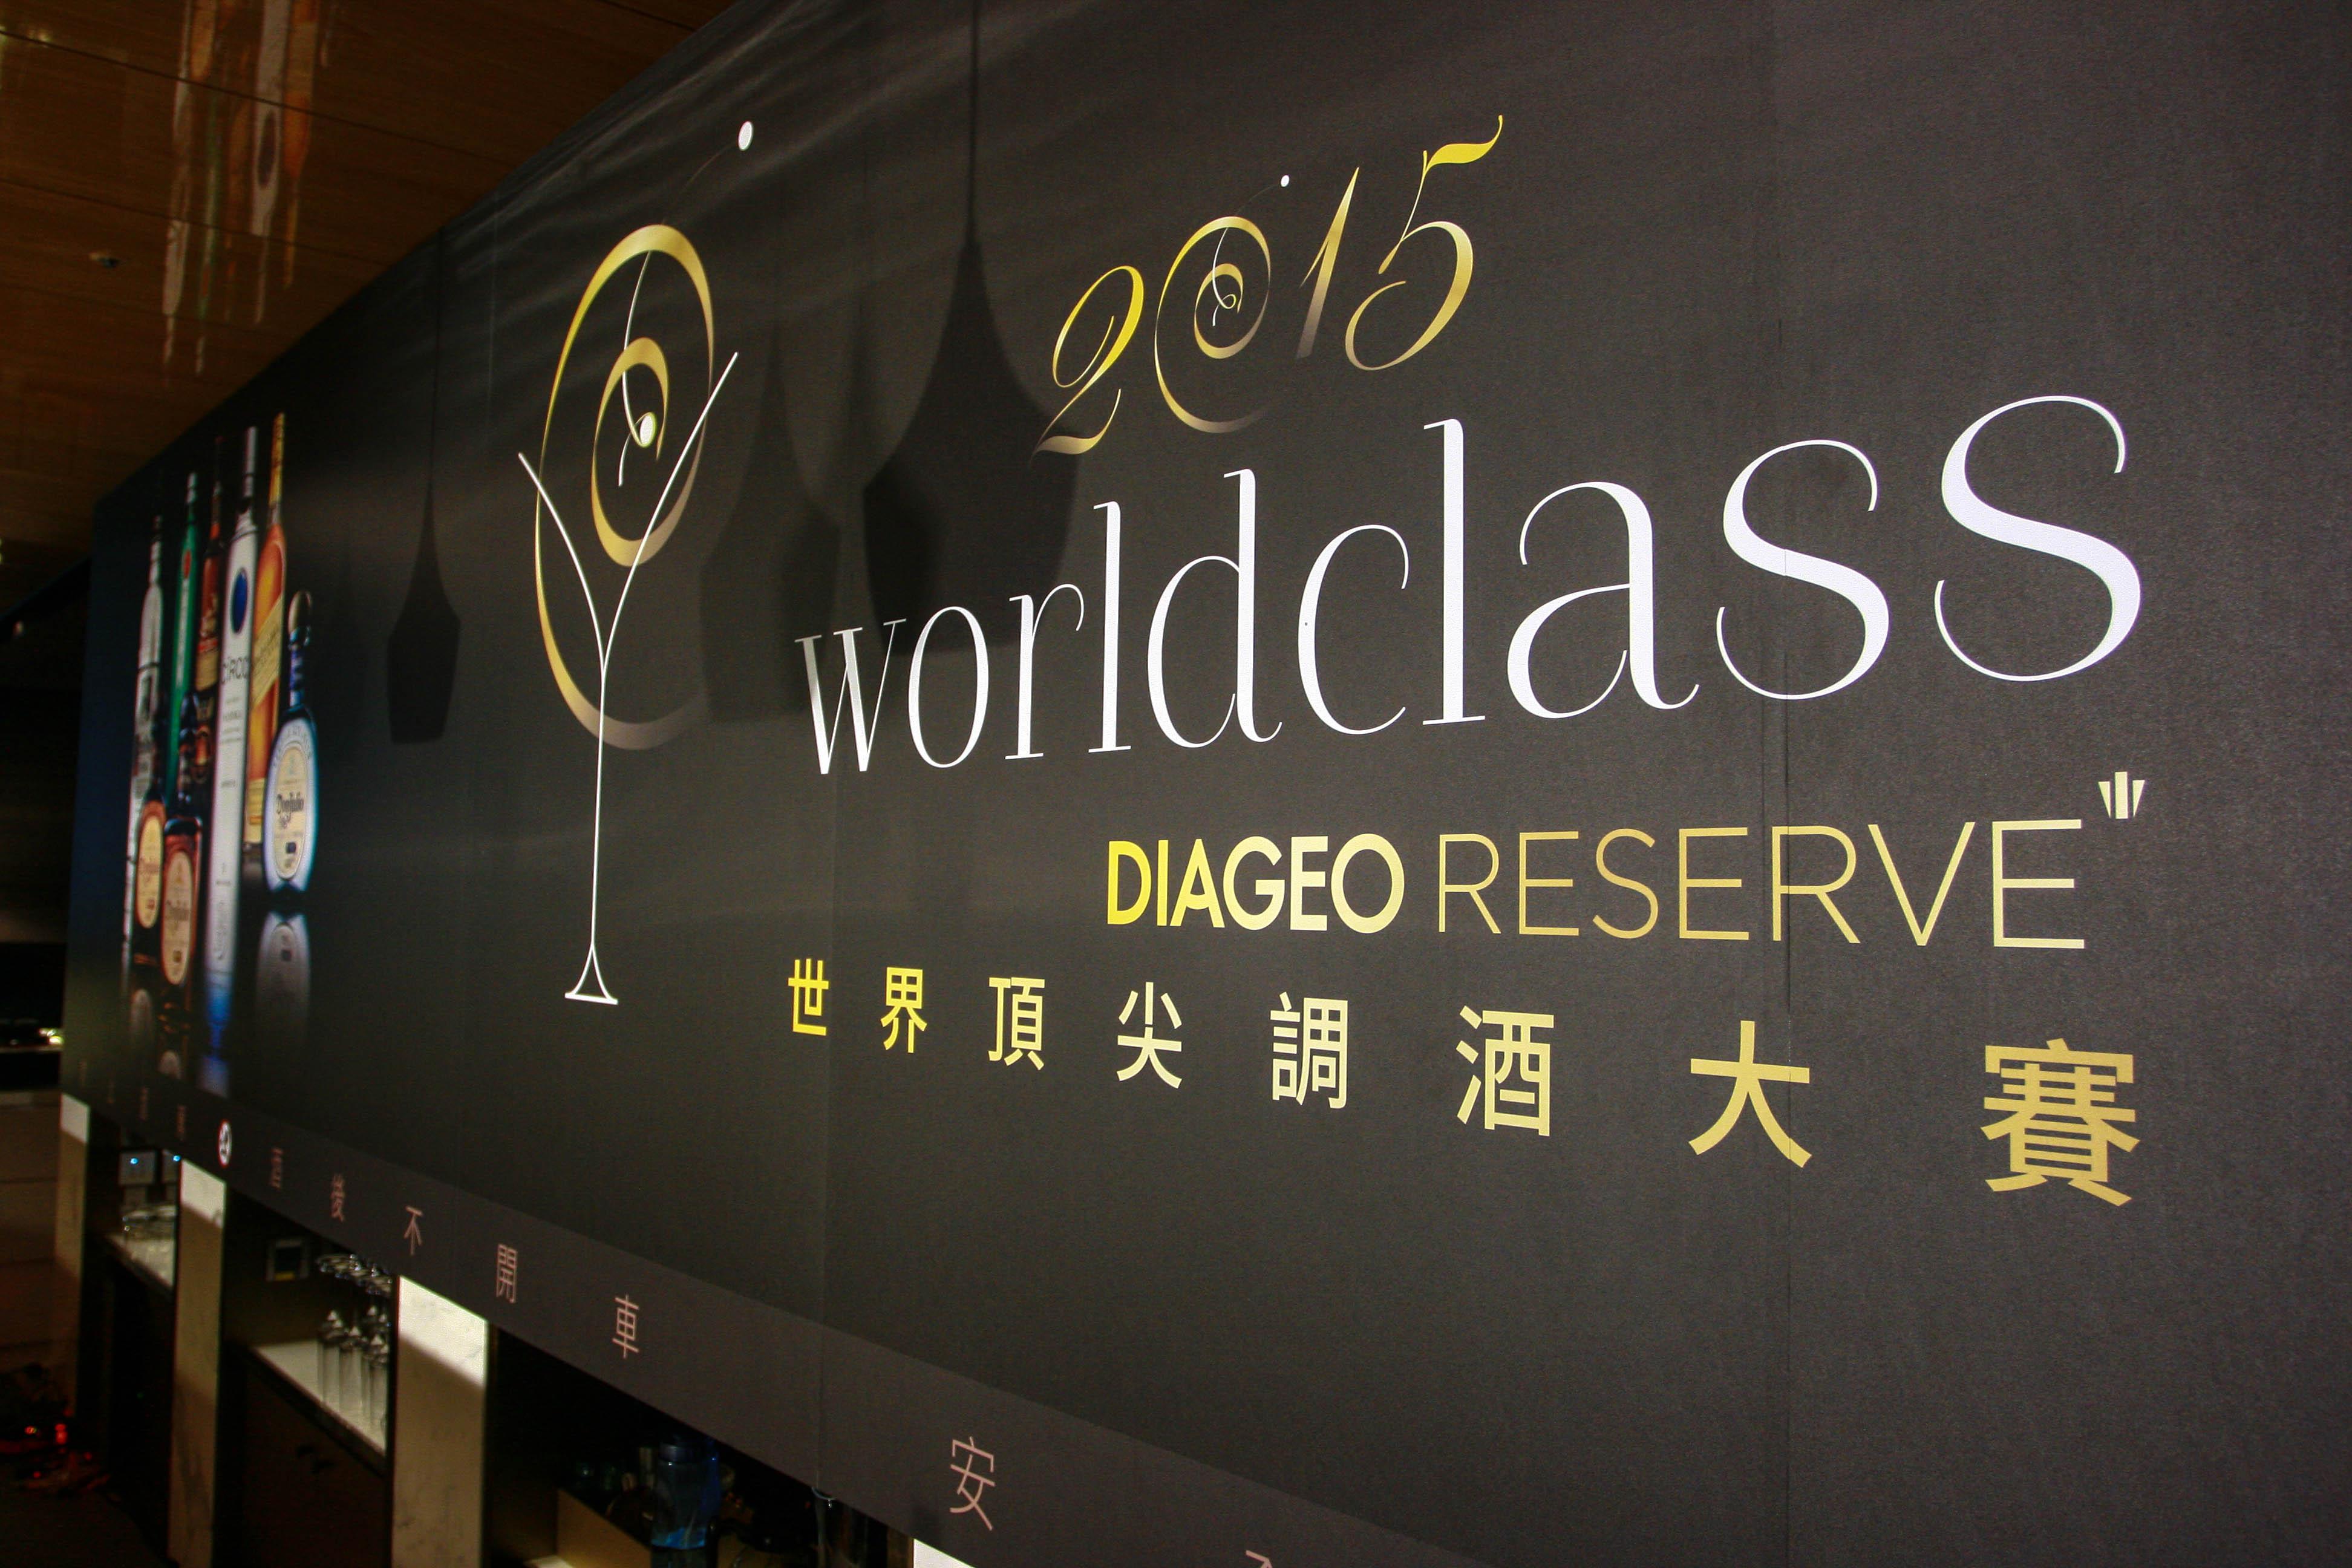 堪稱「調酒界奧斯卡」之DIAGEO WORLD CLASS世界頂尖調酒大賽台灣區決賽將於5月25日(一)盛大登場